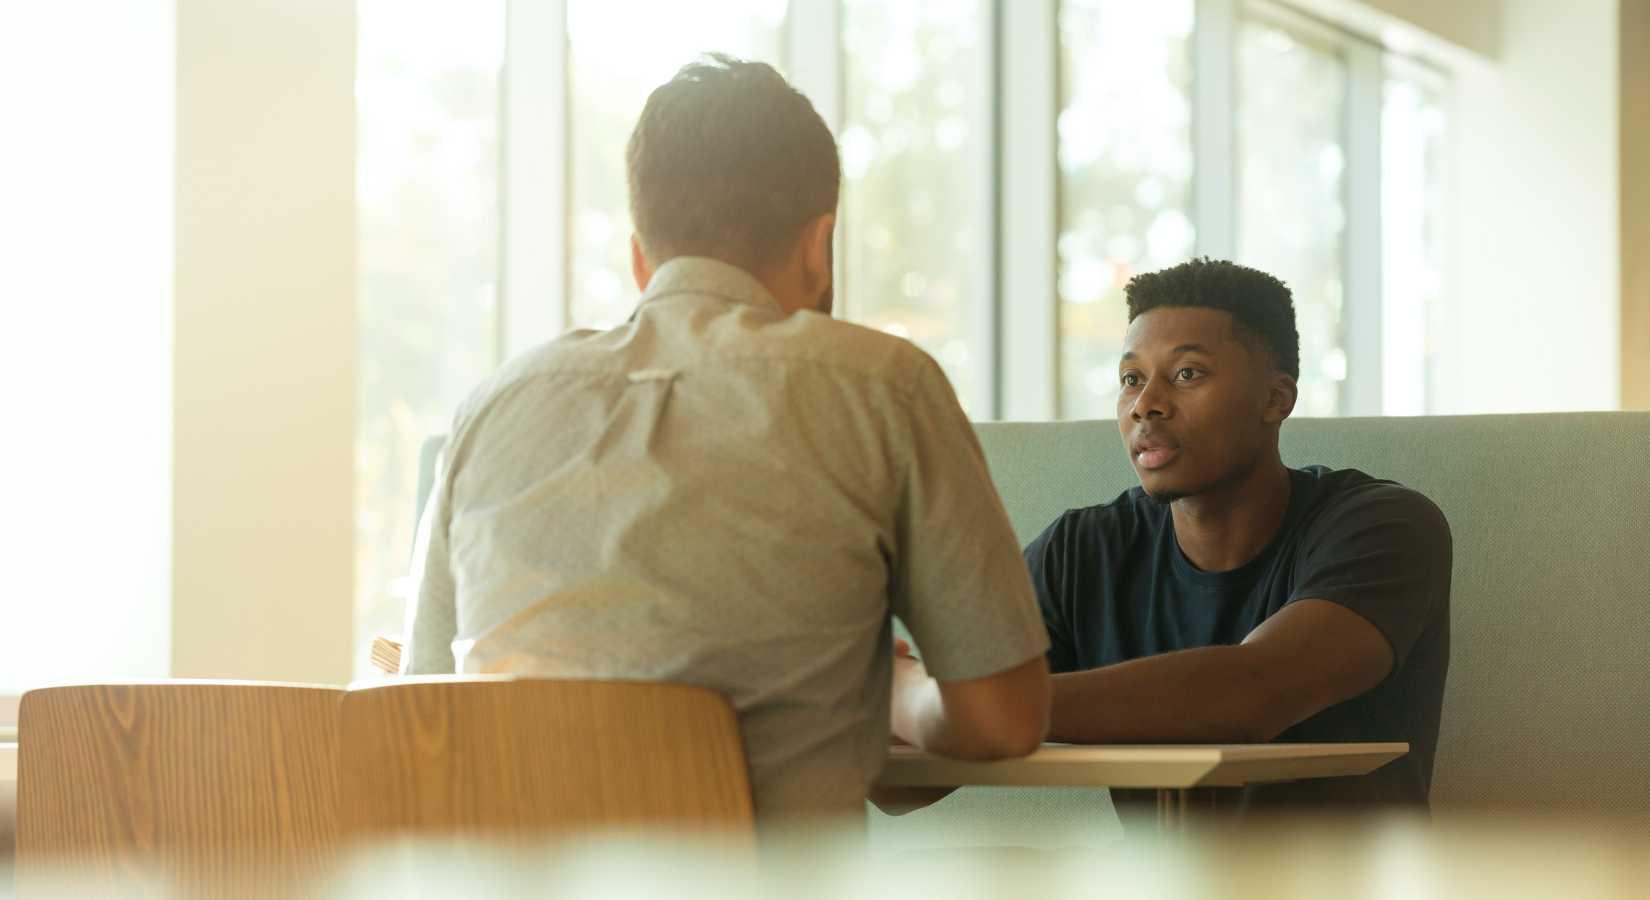 Foto: Linkedin Sales Solutions fra Unsplash